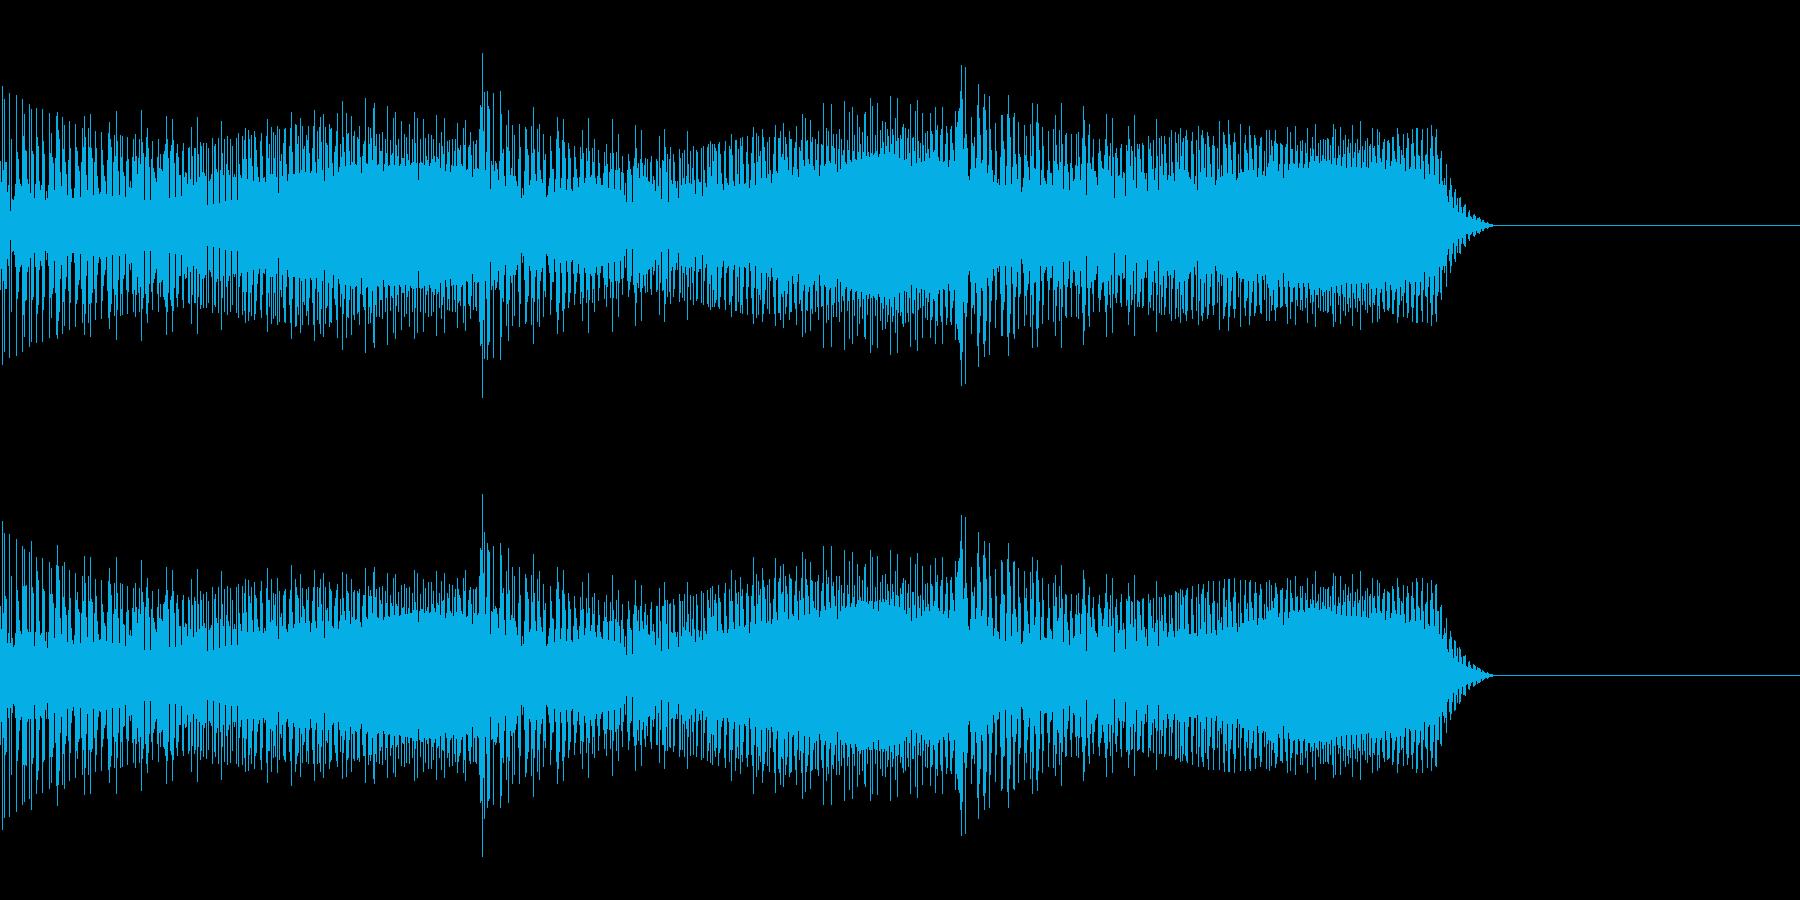 ブーン パワーチャージ音の再生済みの波形